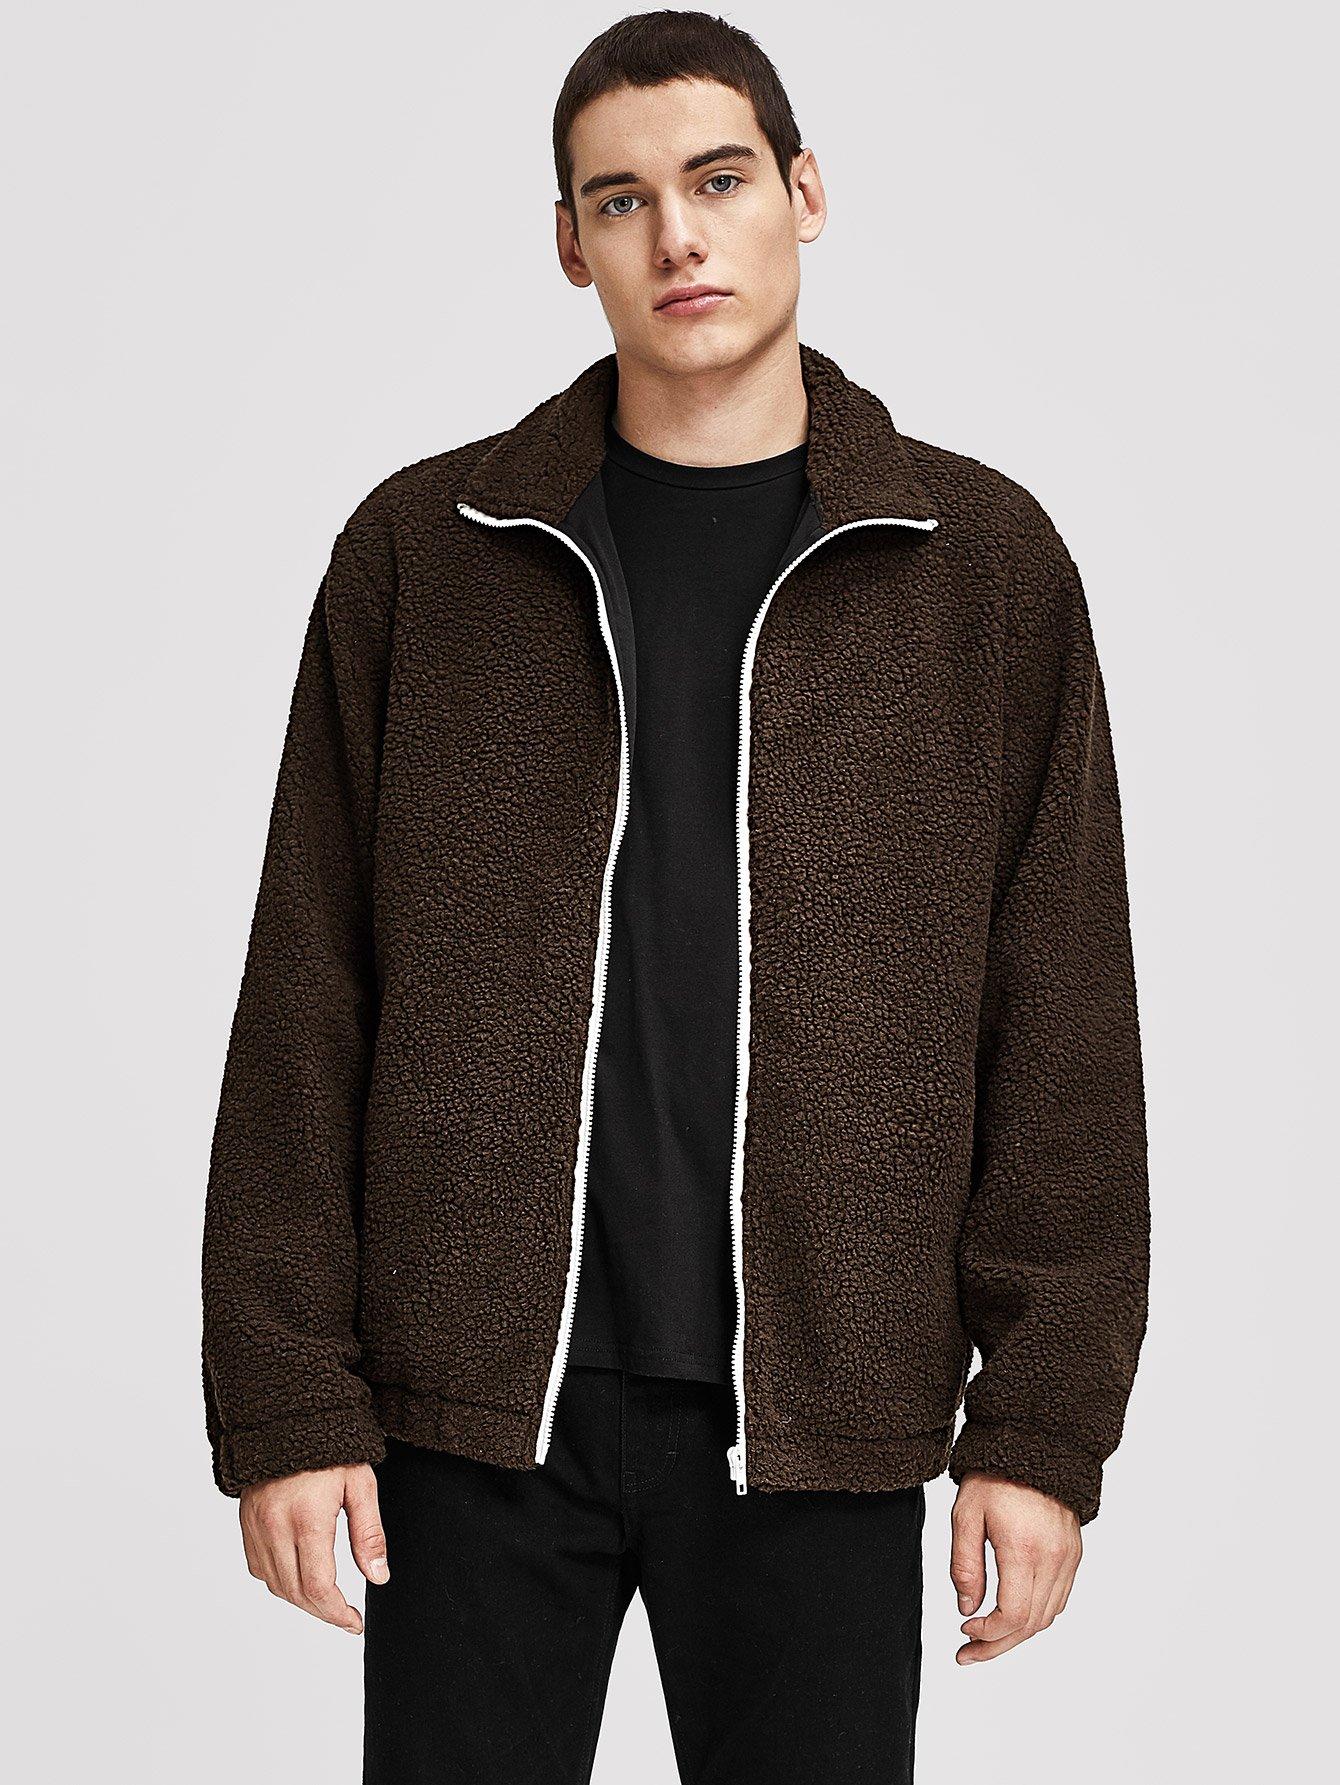 Купить Мужская пушистая куртка на молнии, Misha, SheIn